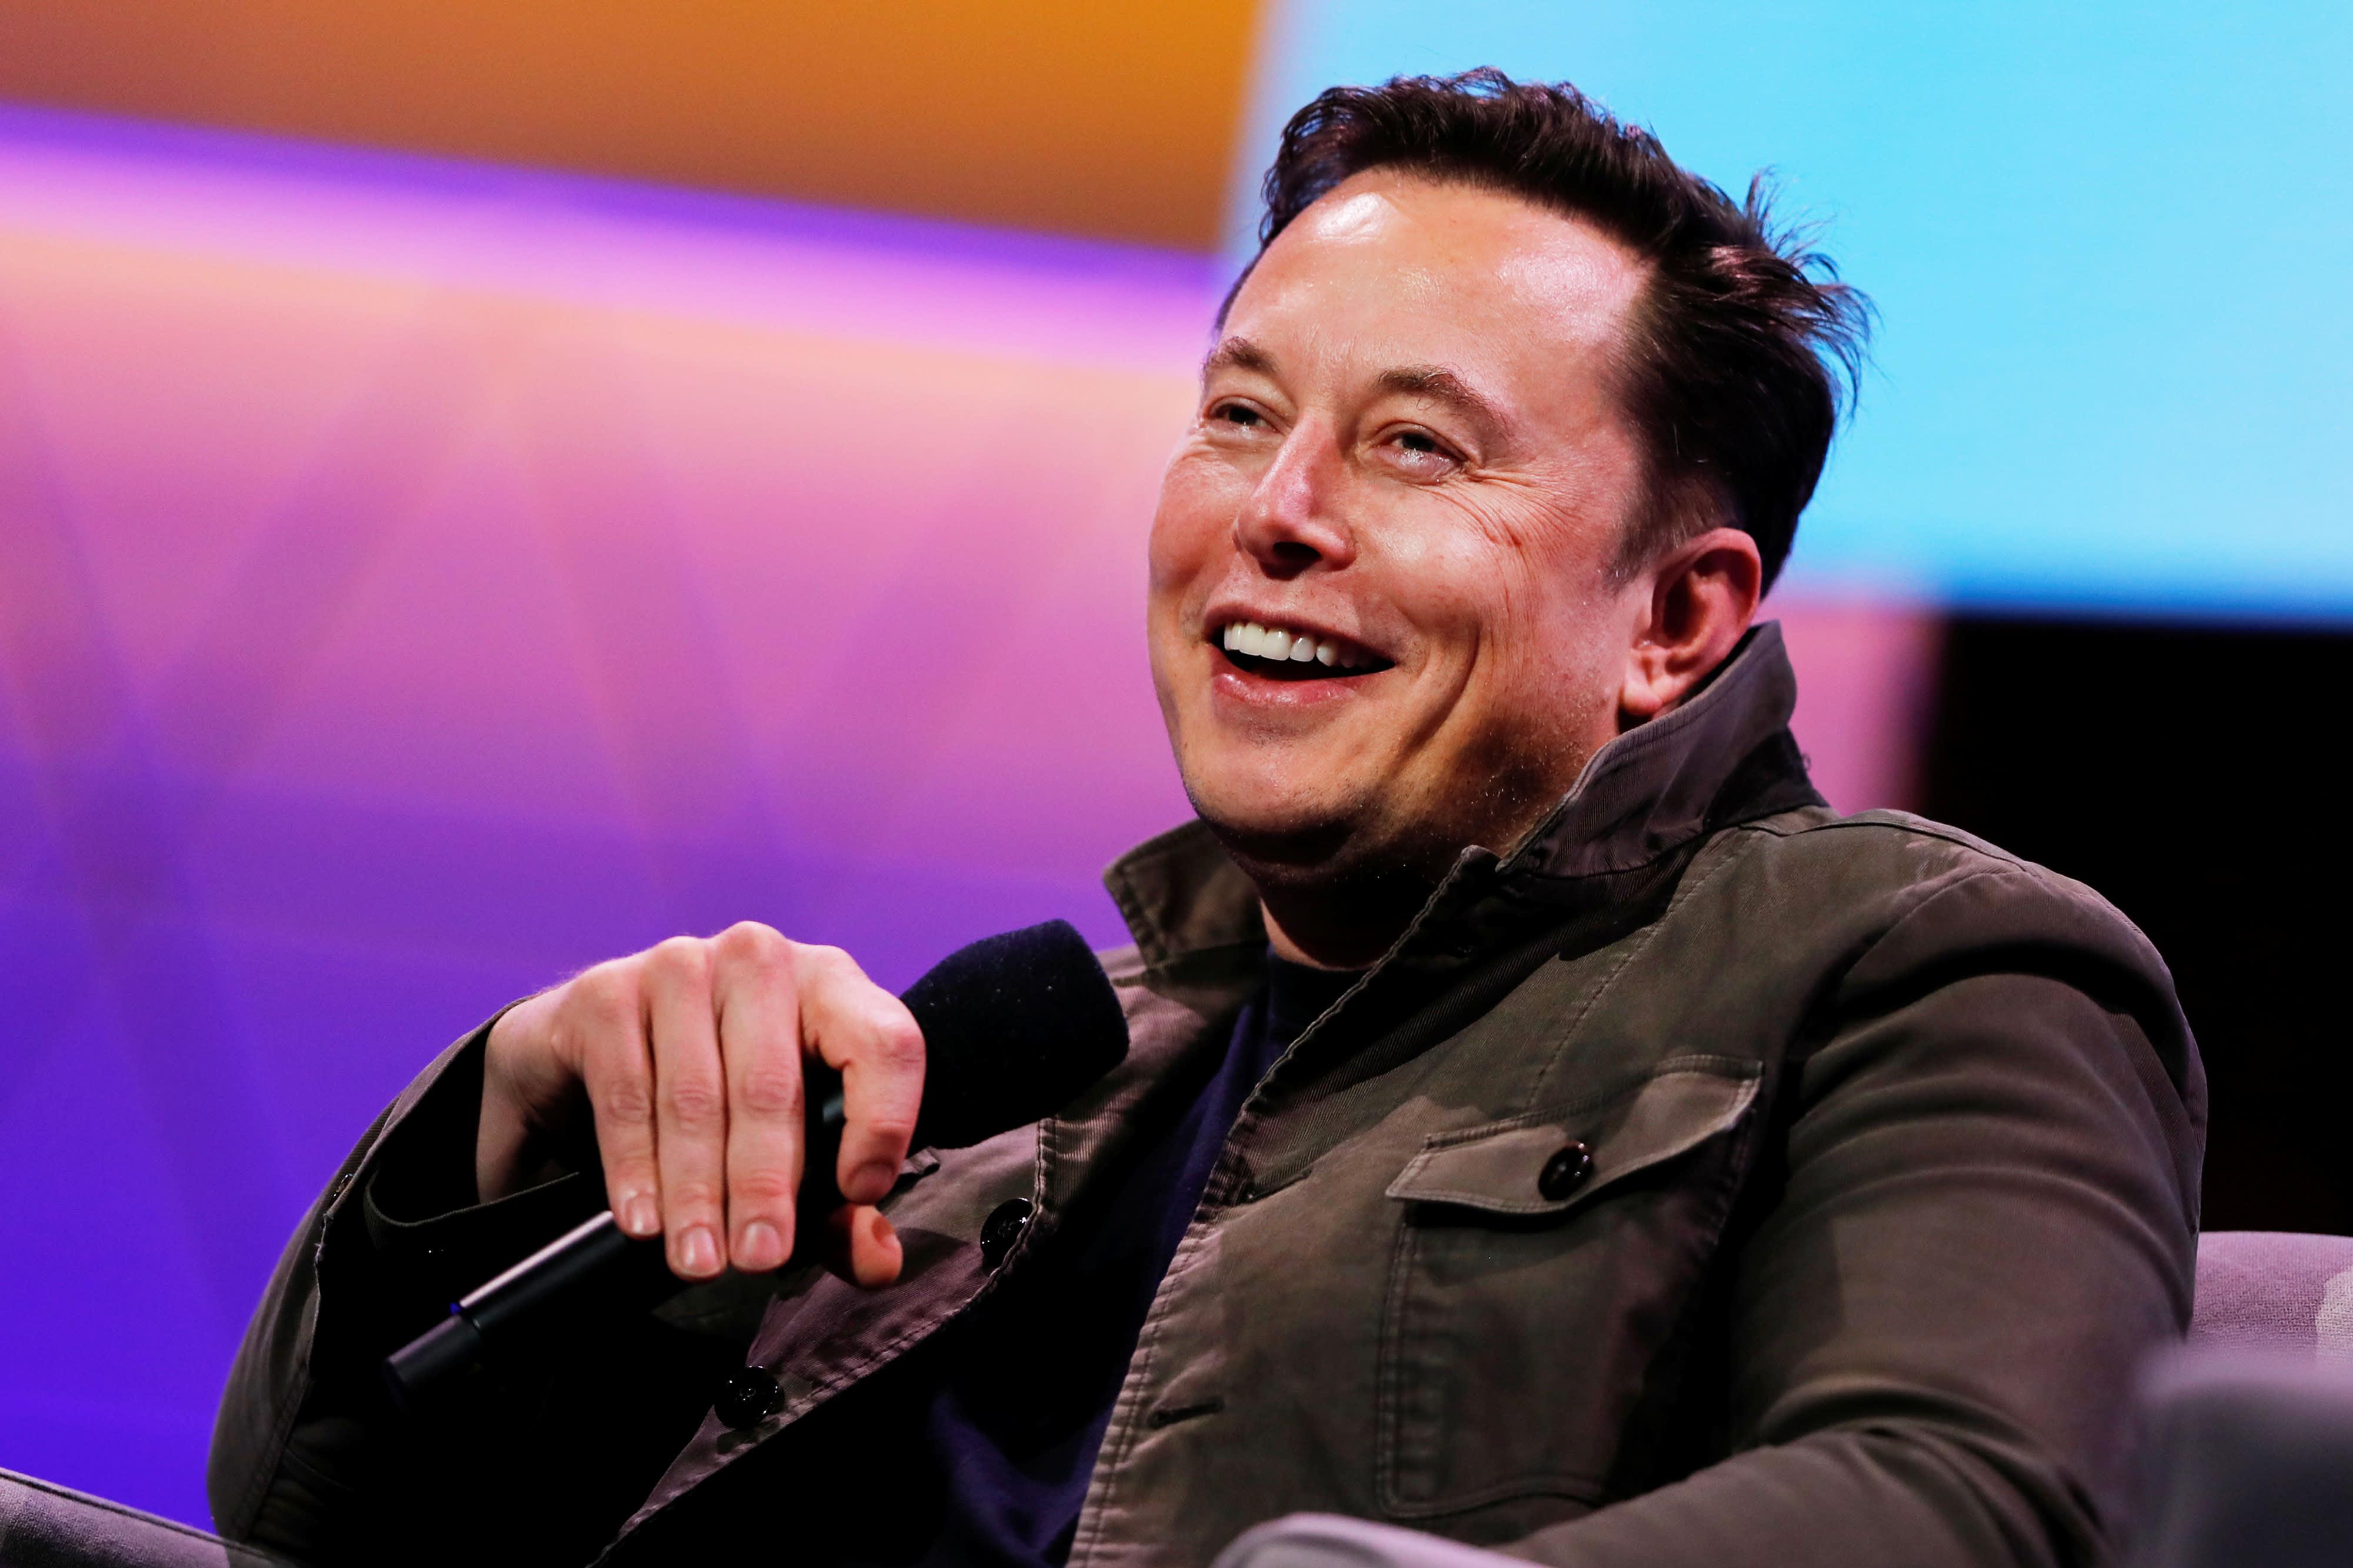 Elon Musk a klímamegváltó?